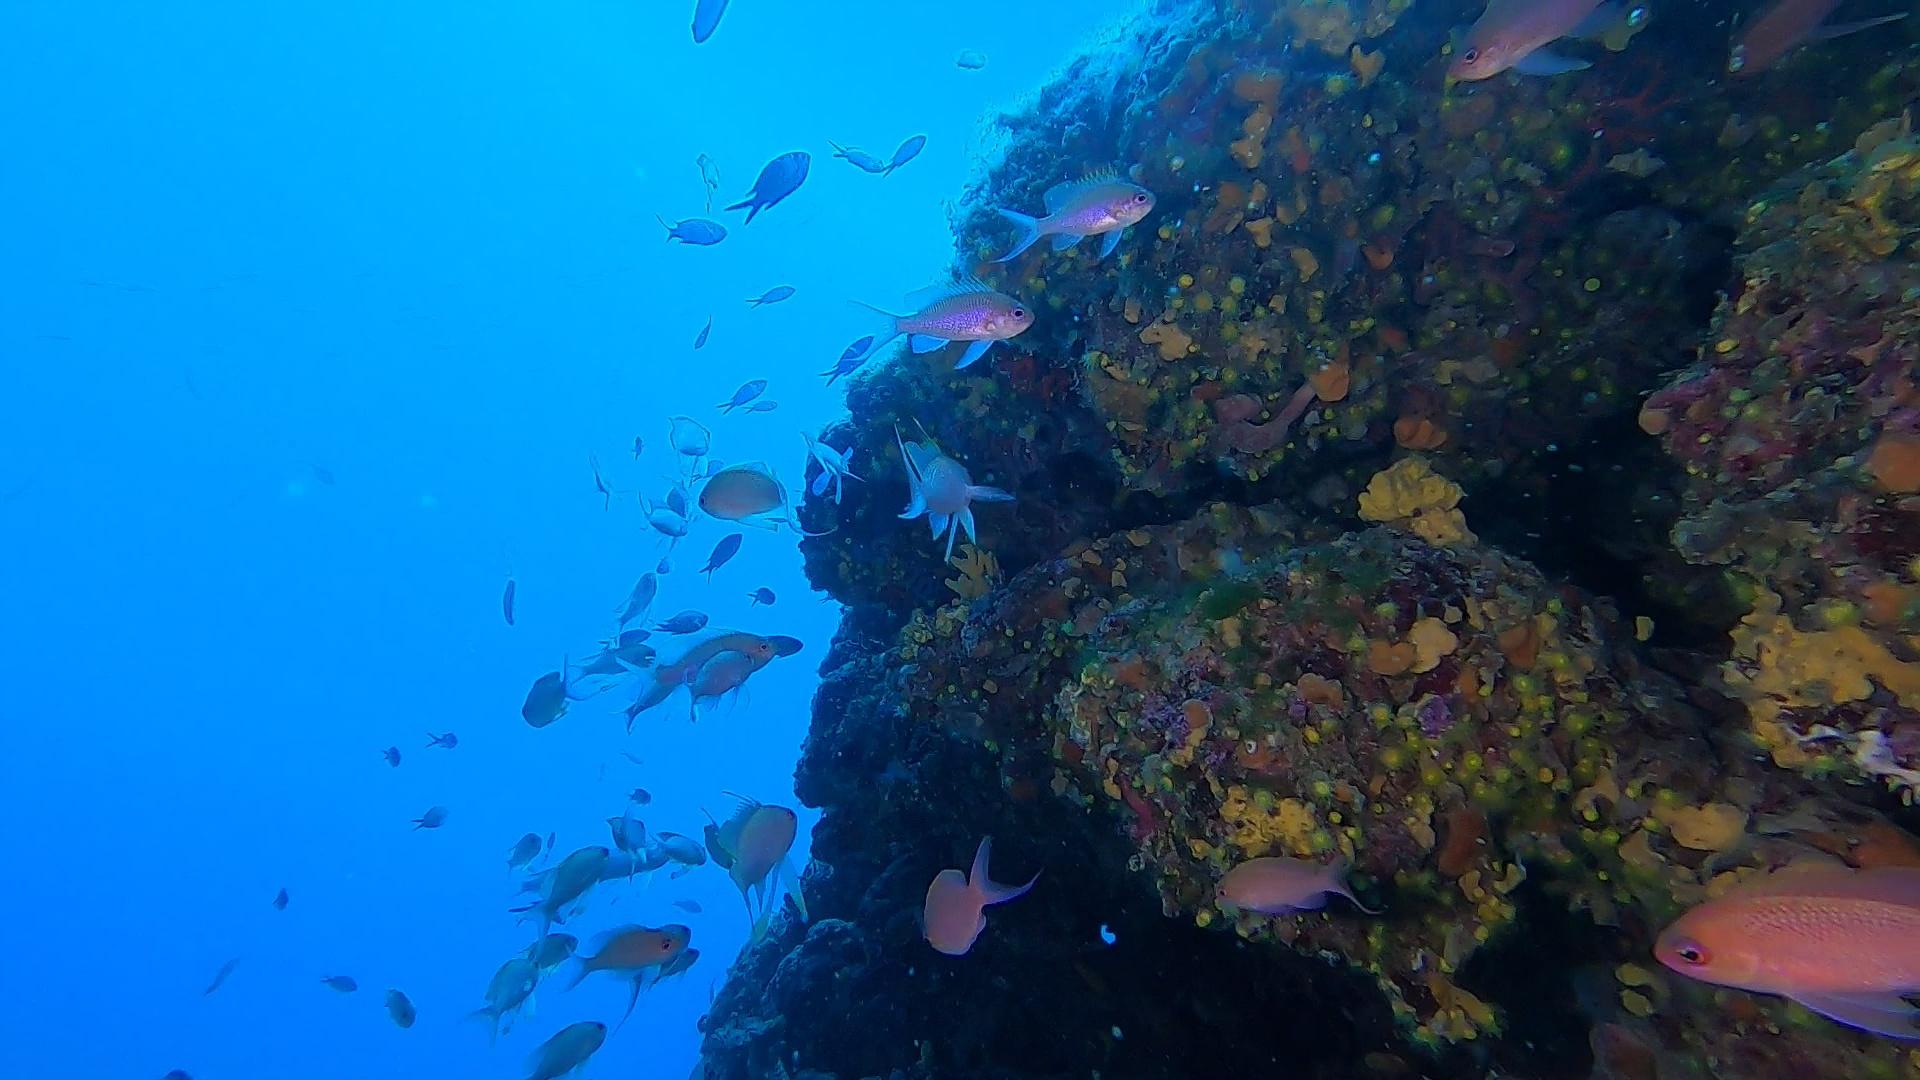 Anthias anthias Castagnola rossa Marine goldfish - intotheblue.it